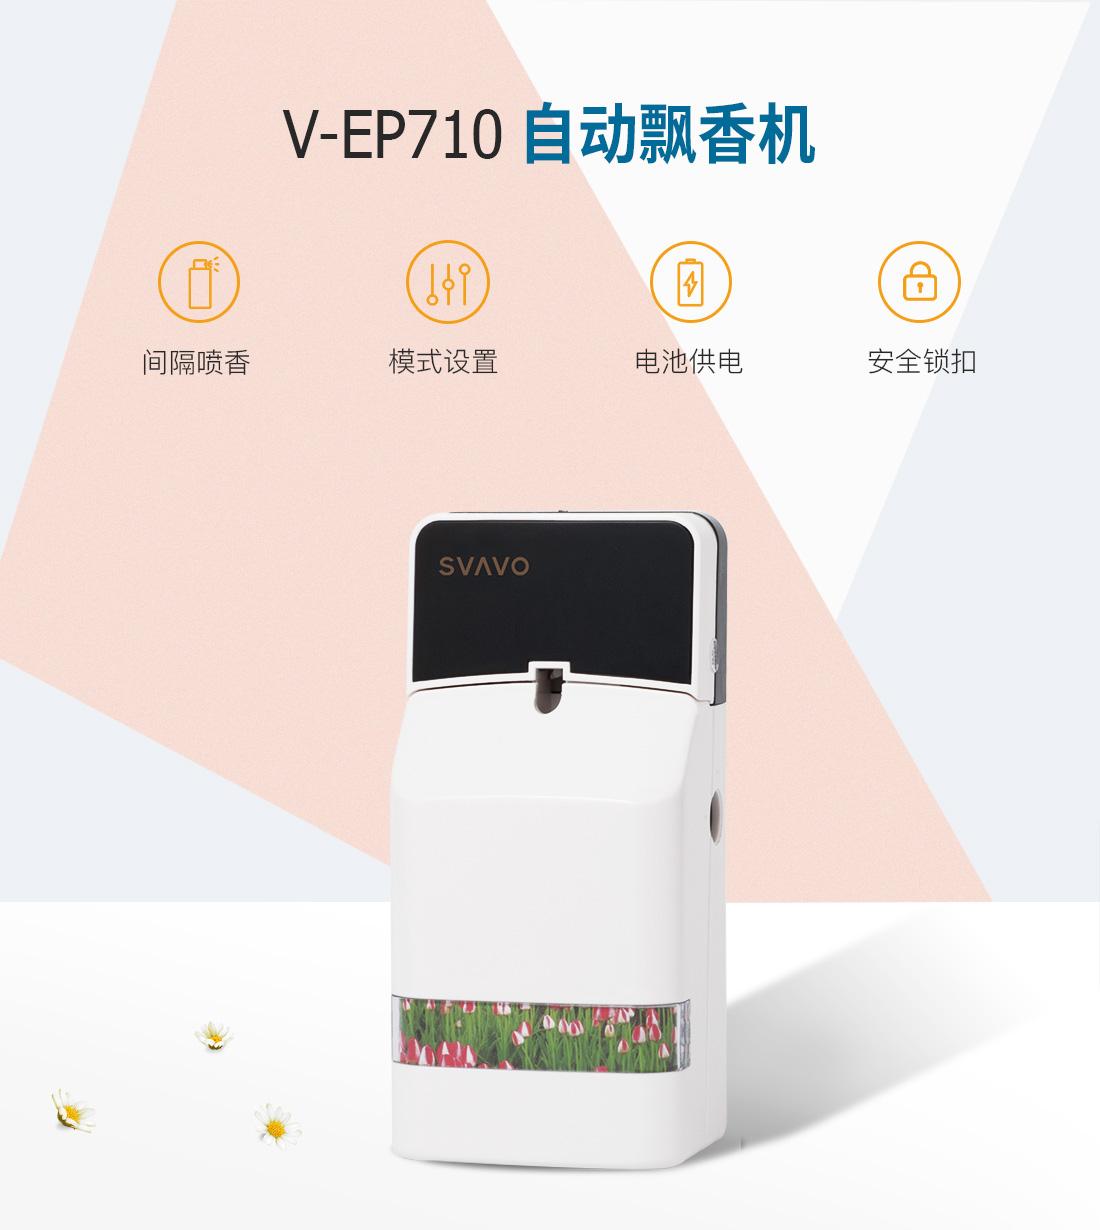 V-EP710